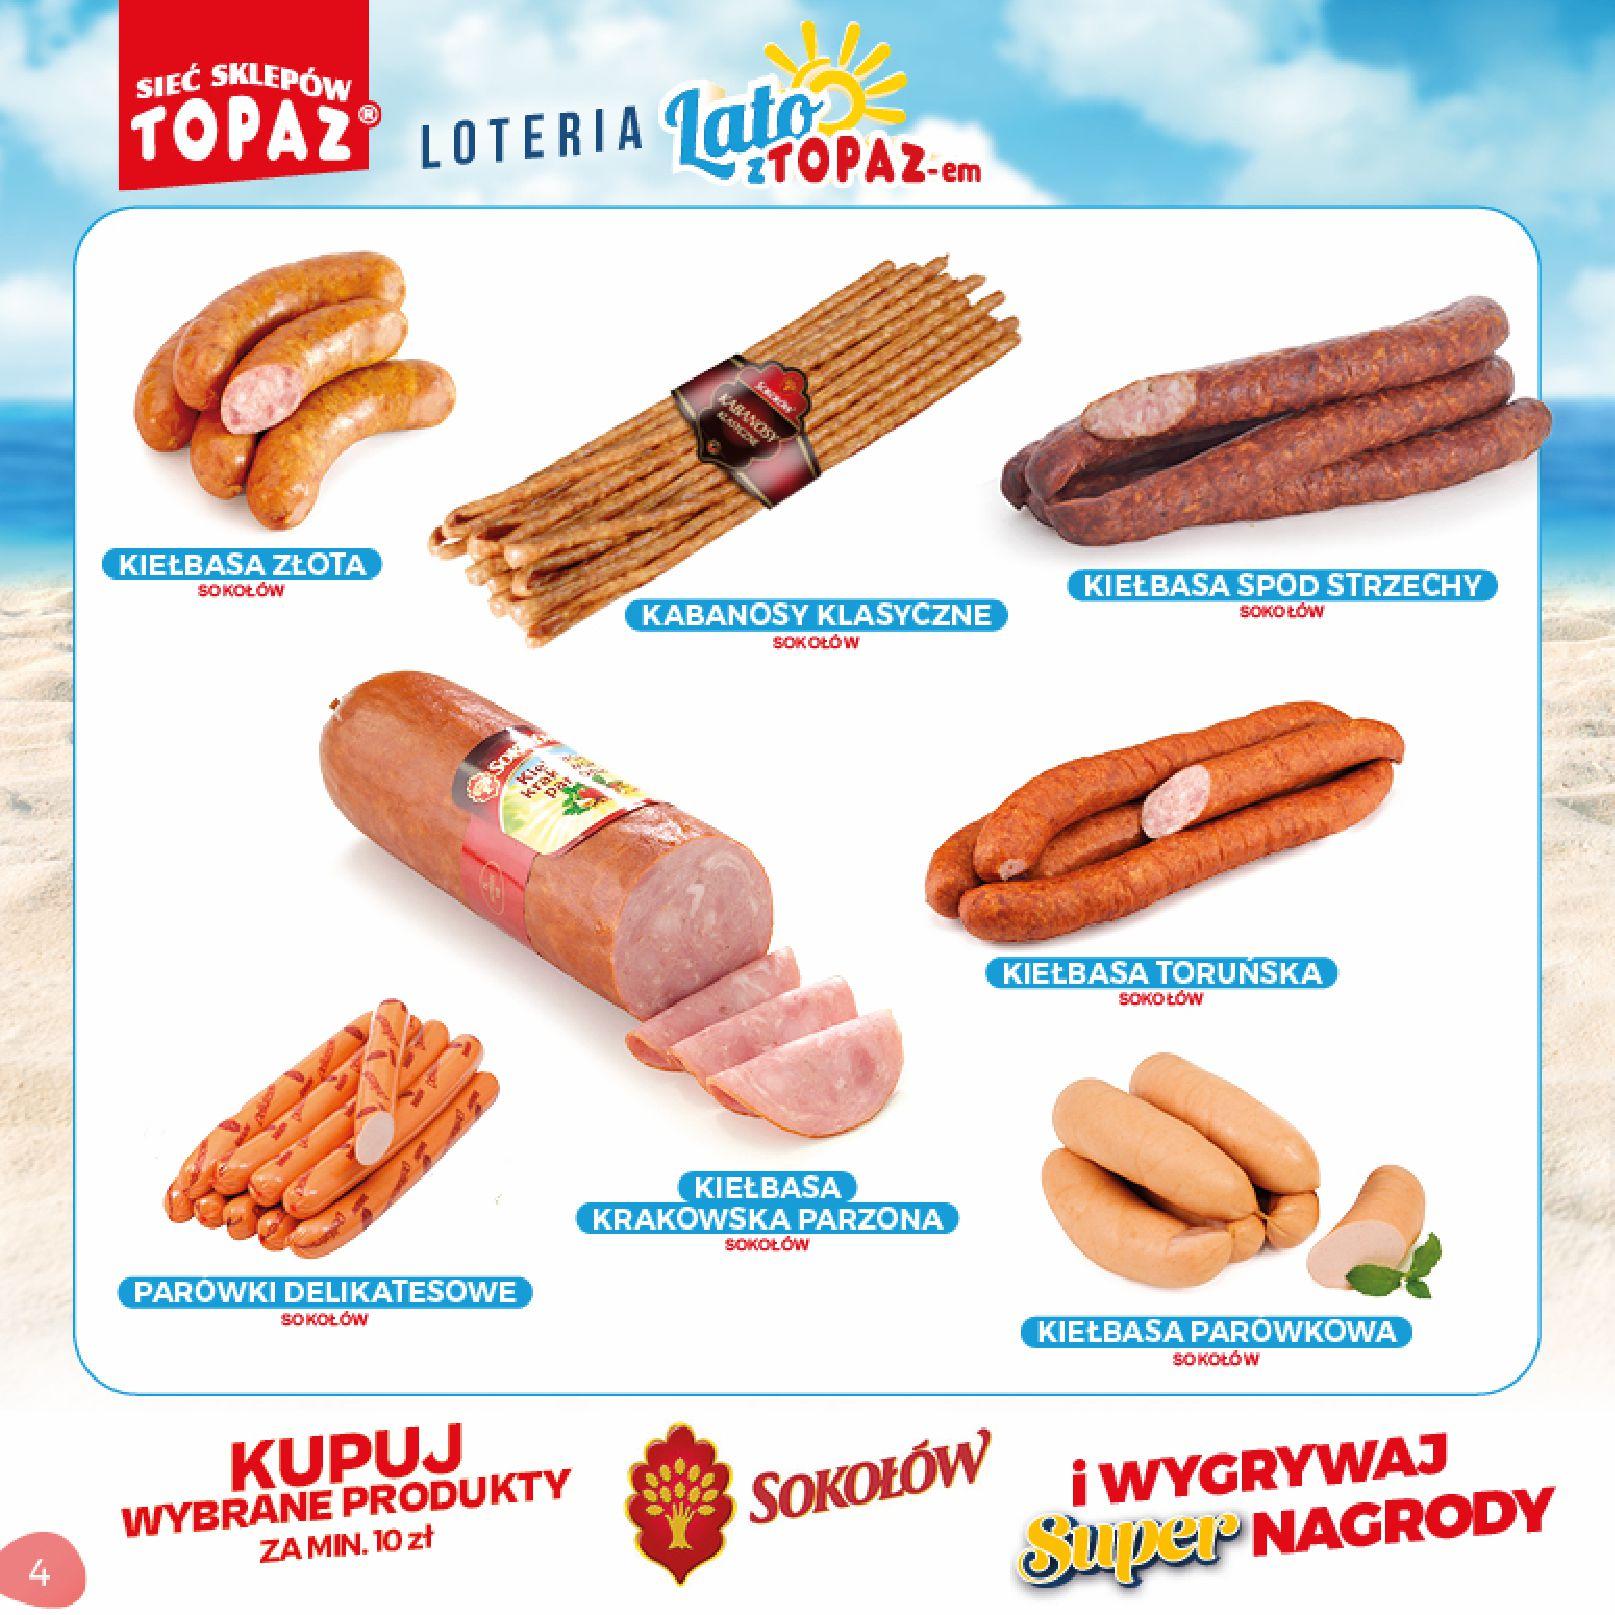 Gazetka TOPAZ: Gazetka TOPAZ - Loteria 2021-07-05 page-4